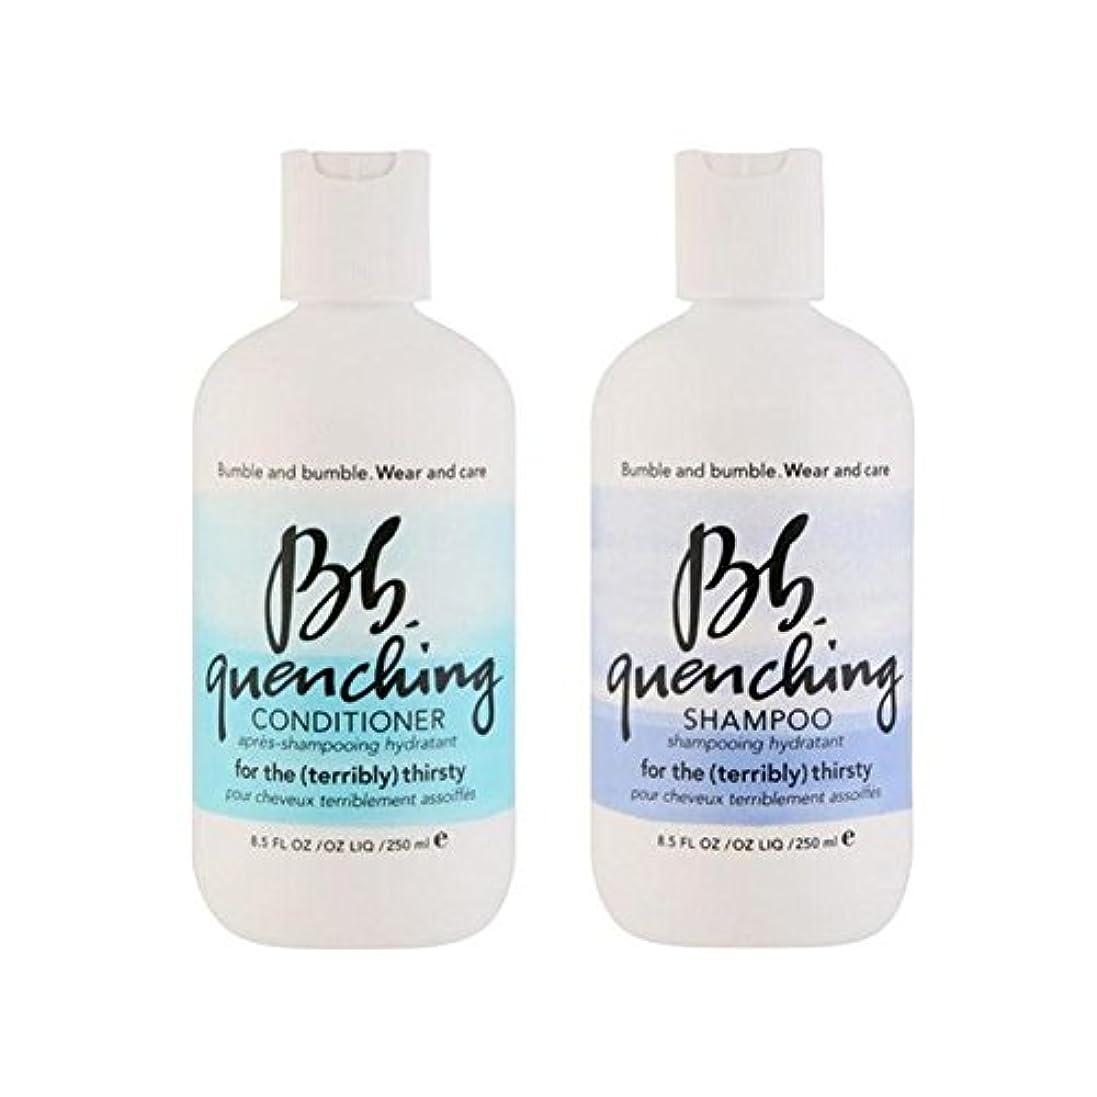 リズミカルな拘束絶滅したシャンプーとコンディショナー - デュオを急冷着用し、世話 x4 - Bb Wear And Care Quenching Duo - Shampoo And Conditioner (Pack of 4) [並行輸入品]